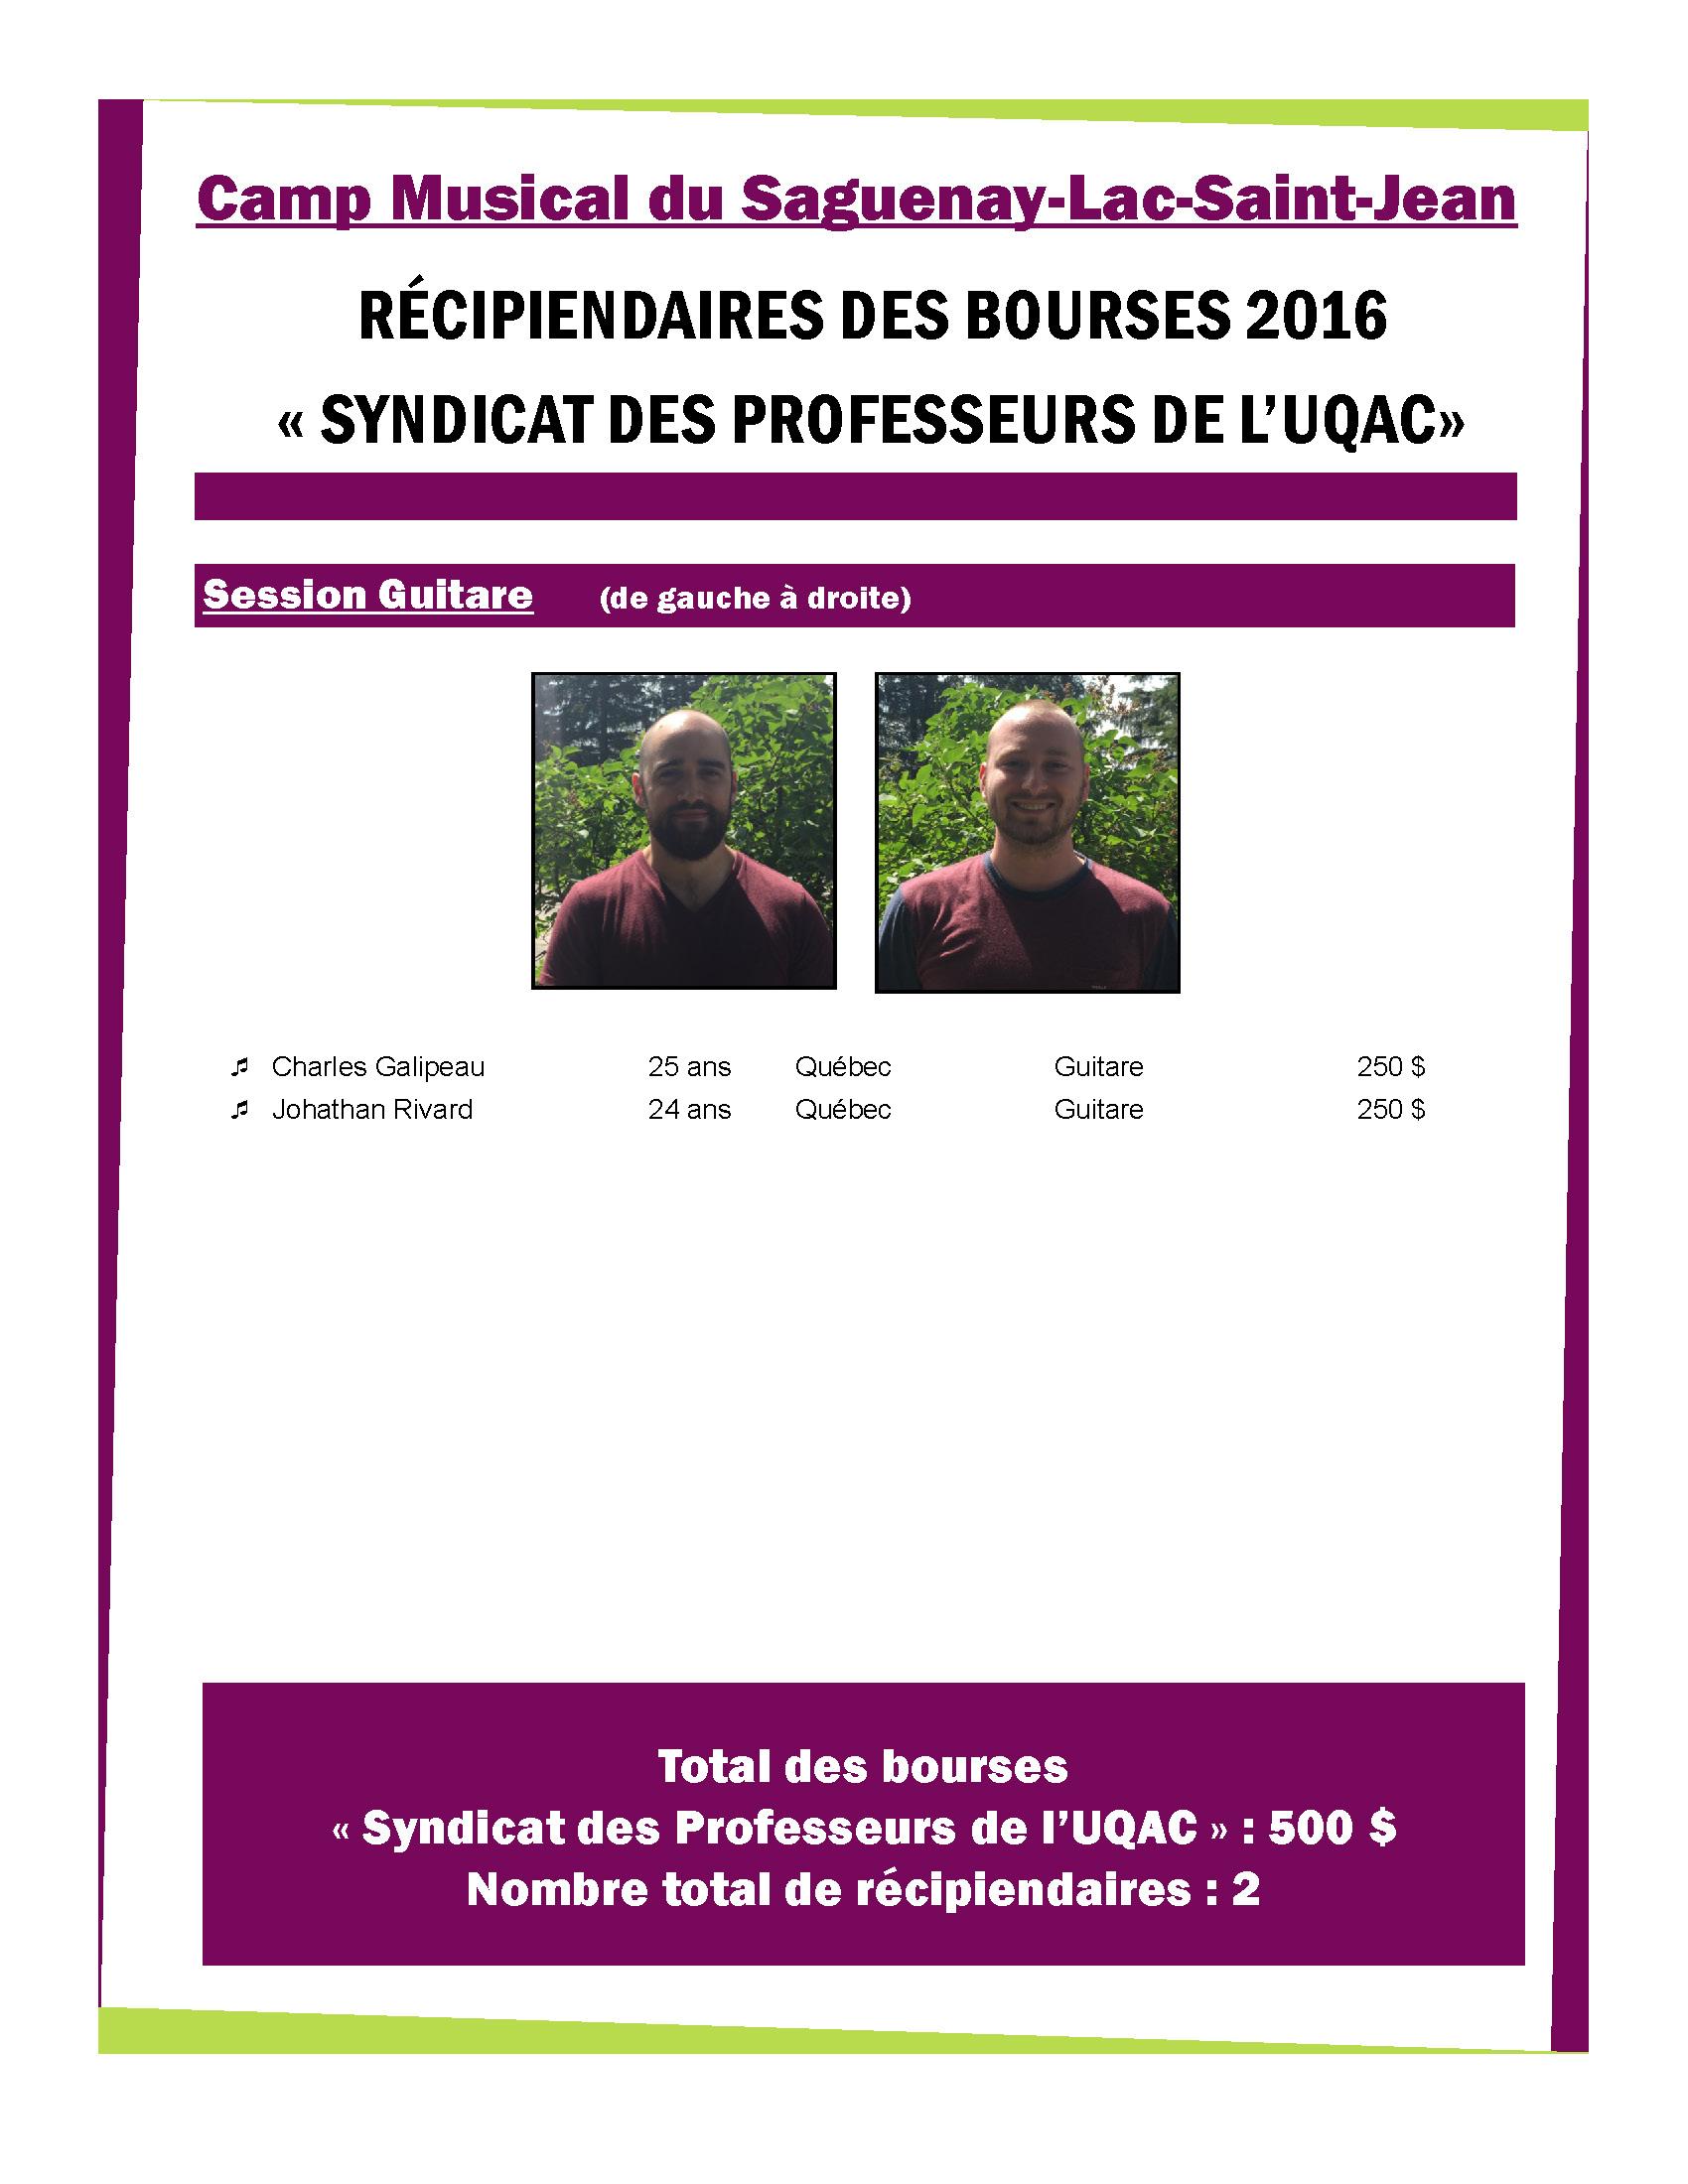 Bourse Camp Musical du Saguenay-Lac-Saint-Jean 2015-2016